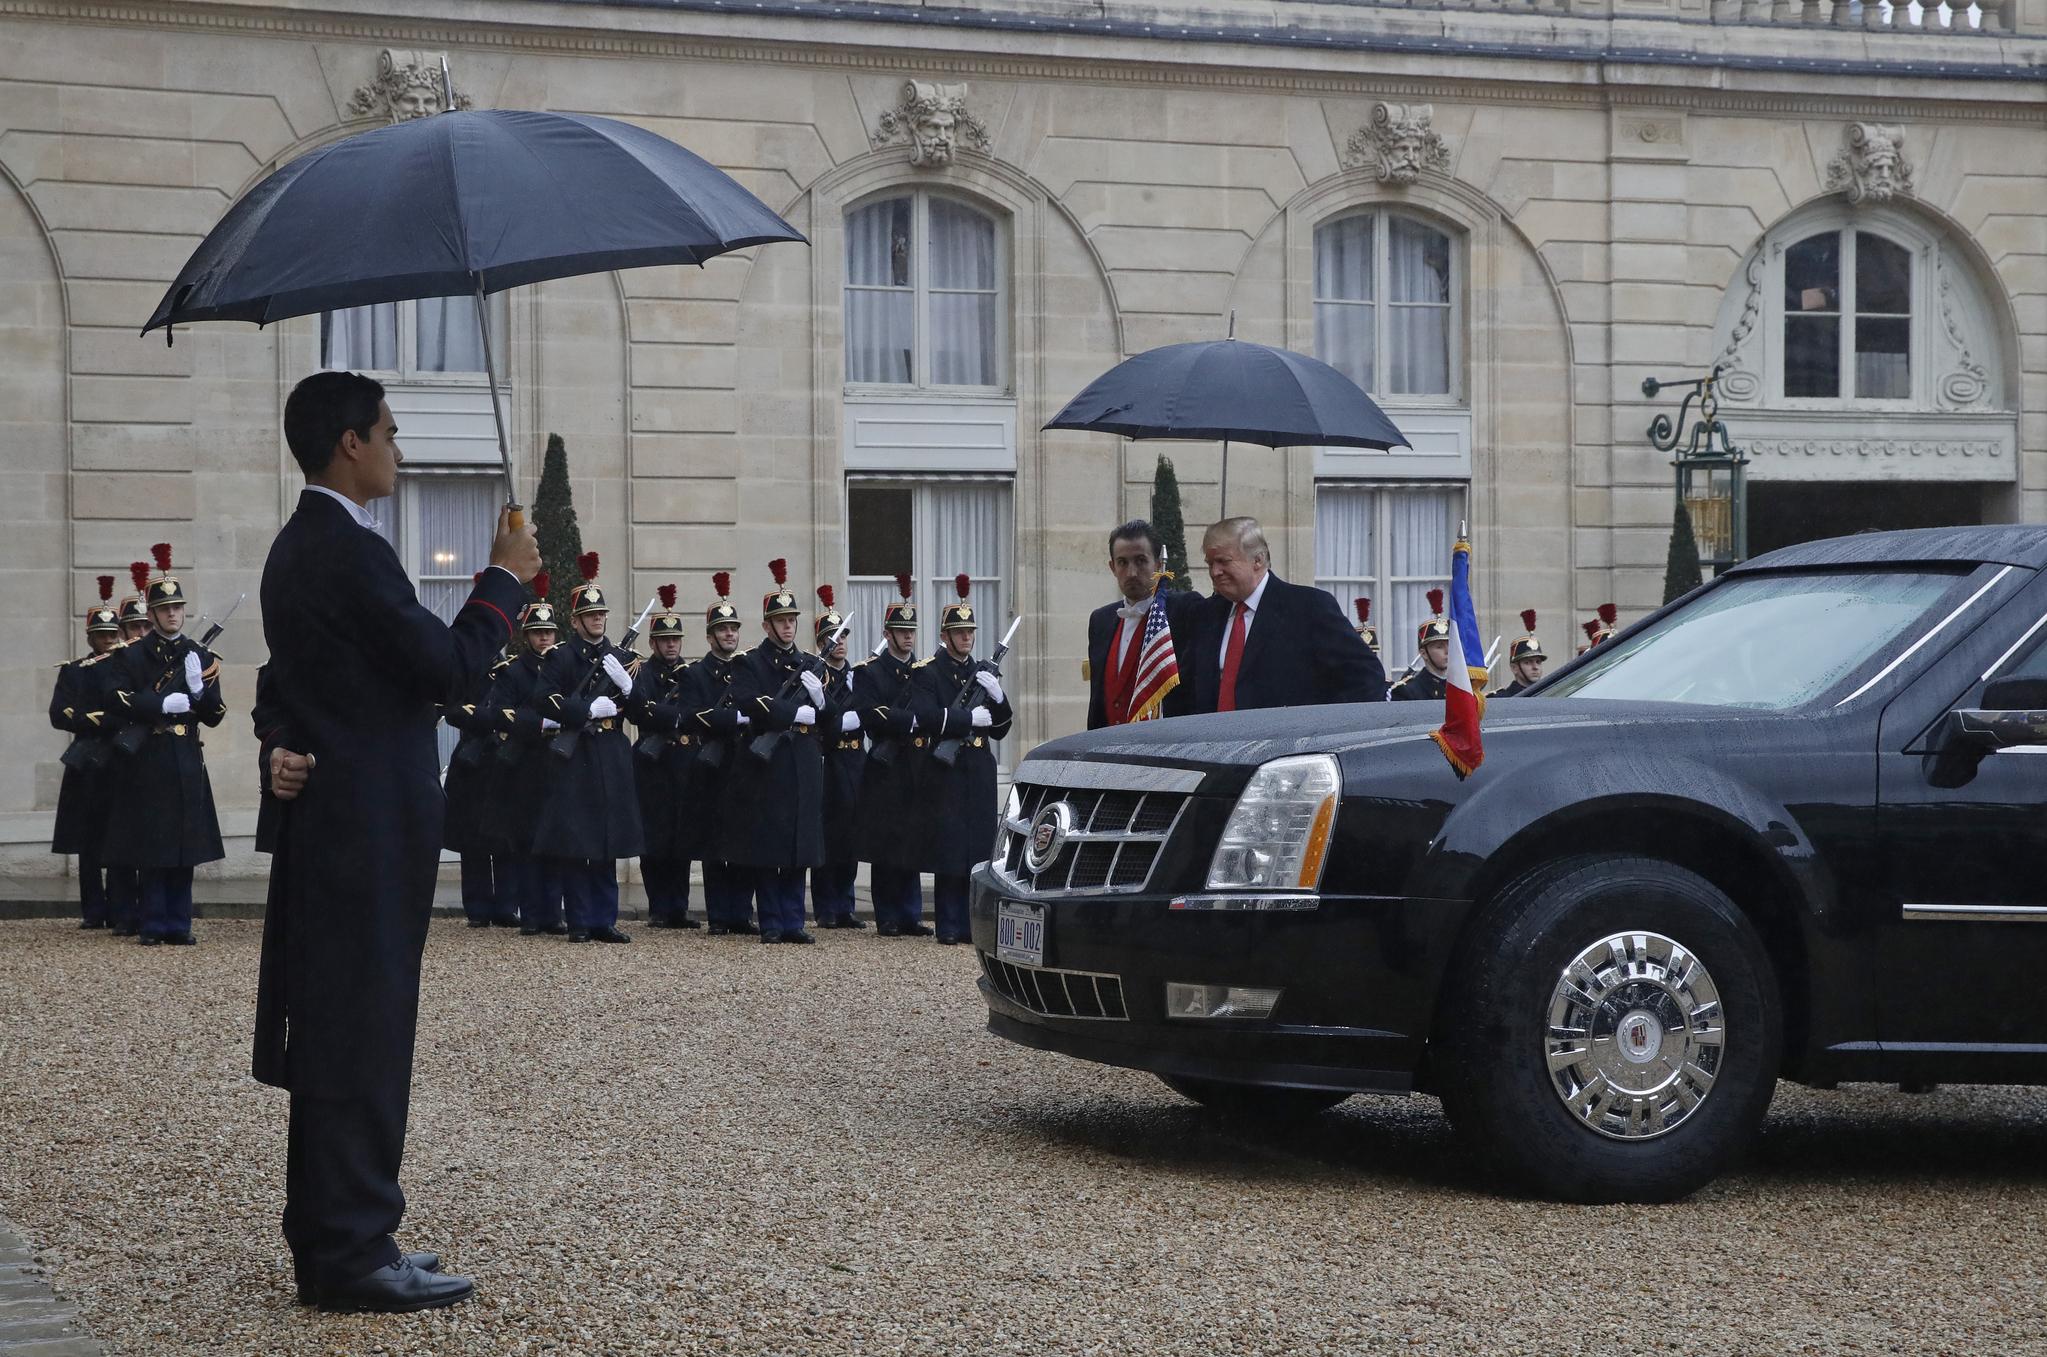 트럼프 대통령이 10일 오후 엘리제궁에 도착해 차량에서 내리고 있다.[AP=연합뉴스]